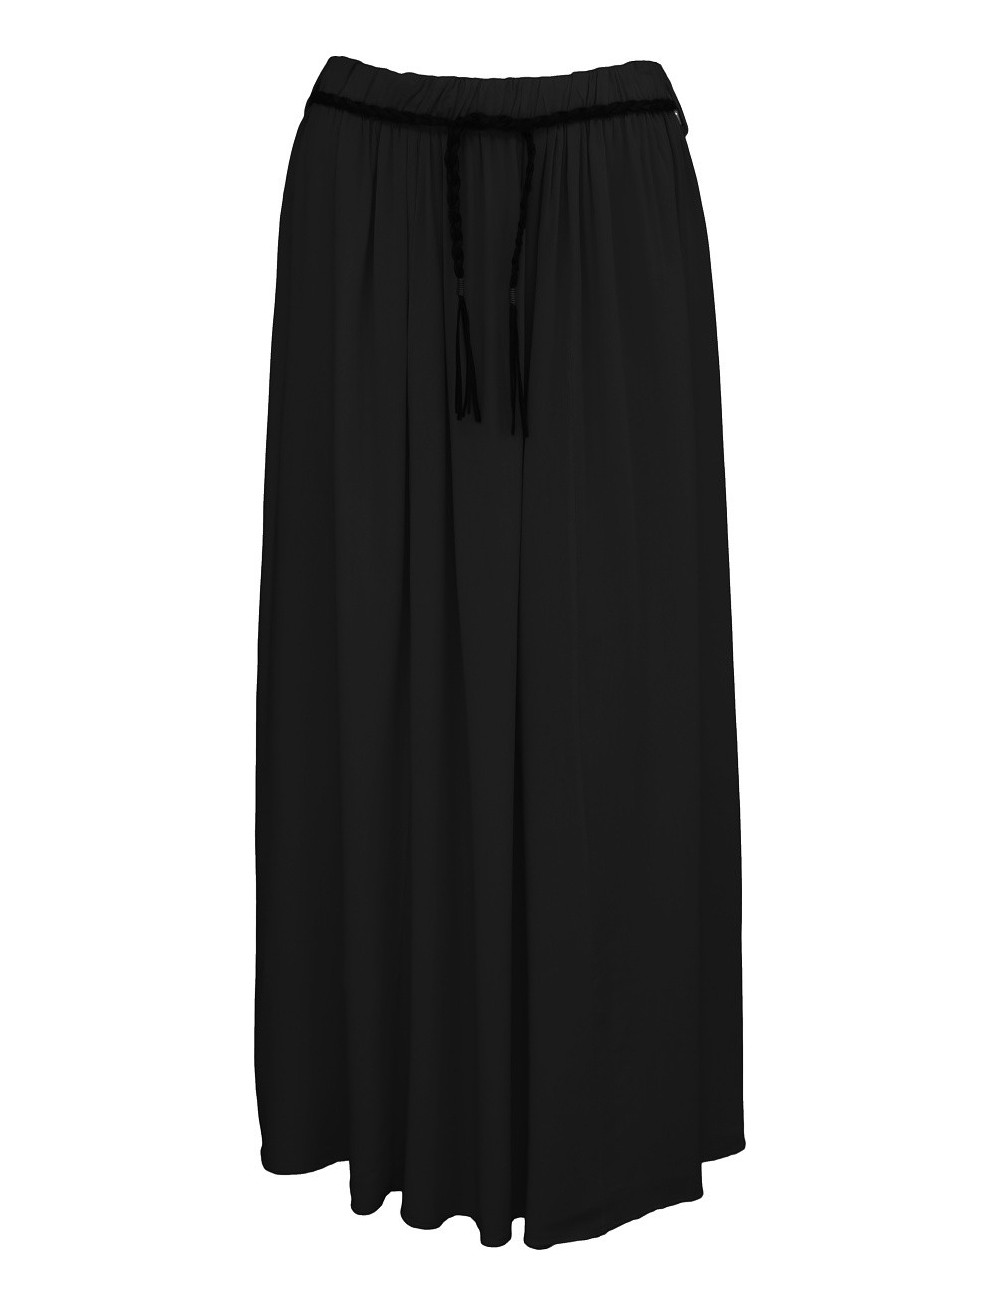 Letní jednobarevná dlouhá sukně - černá - vel. UNI